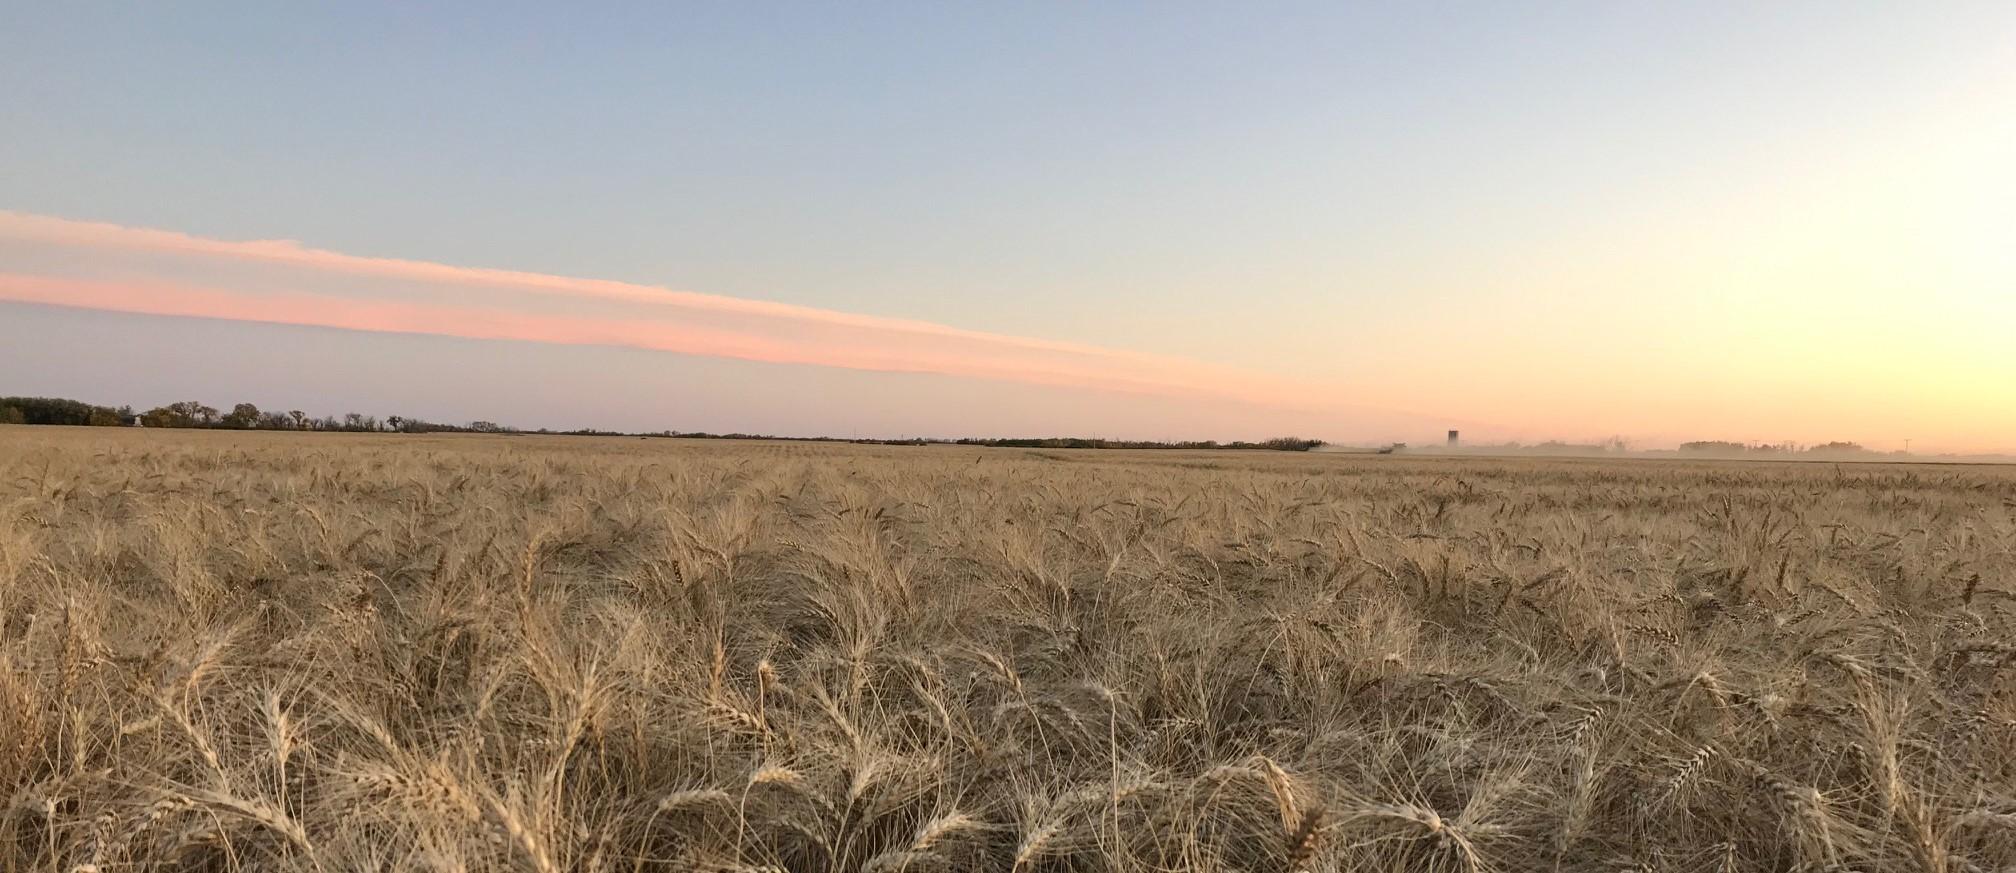 Blumer Wheat